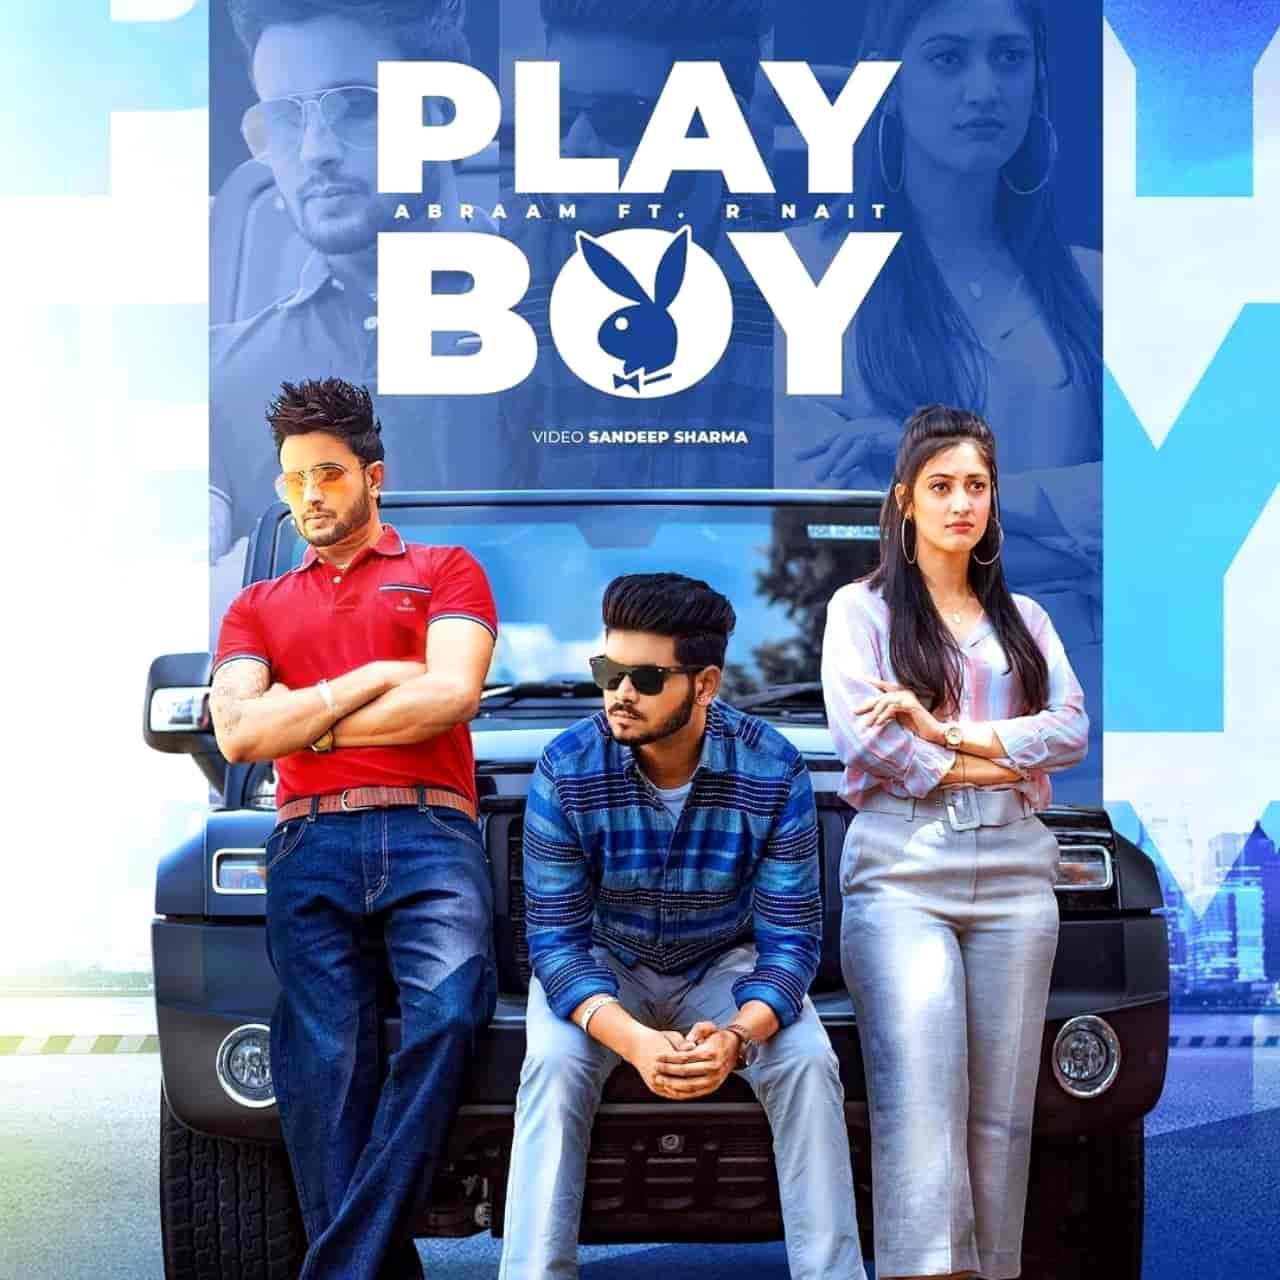 Playboy Punjabi Song Lyrics R Nait